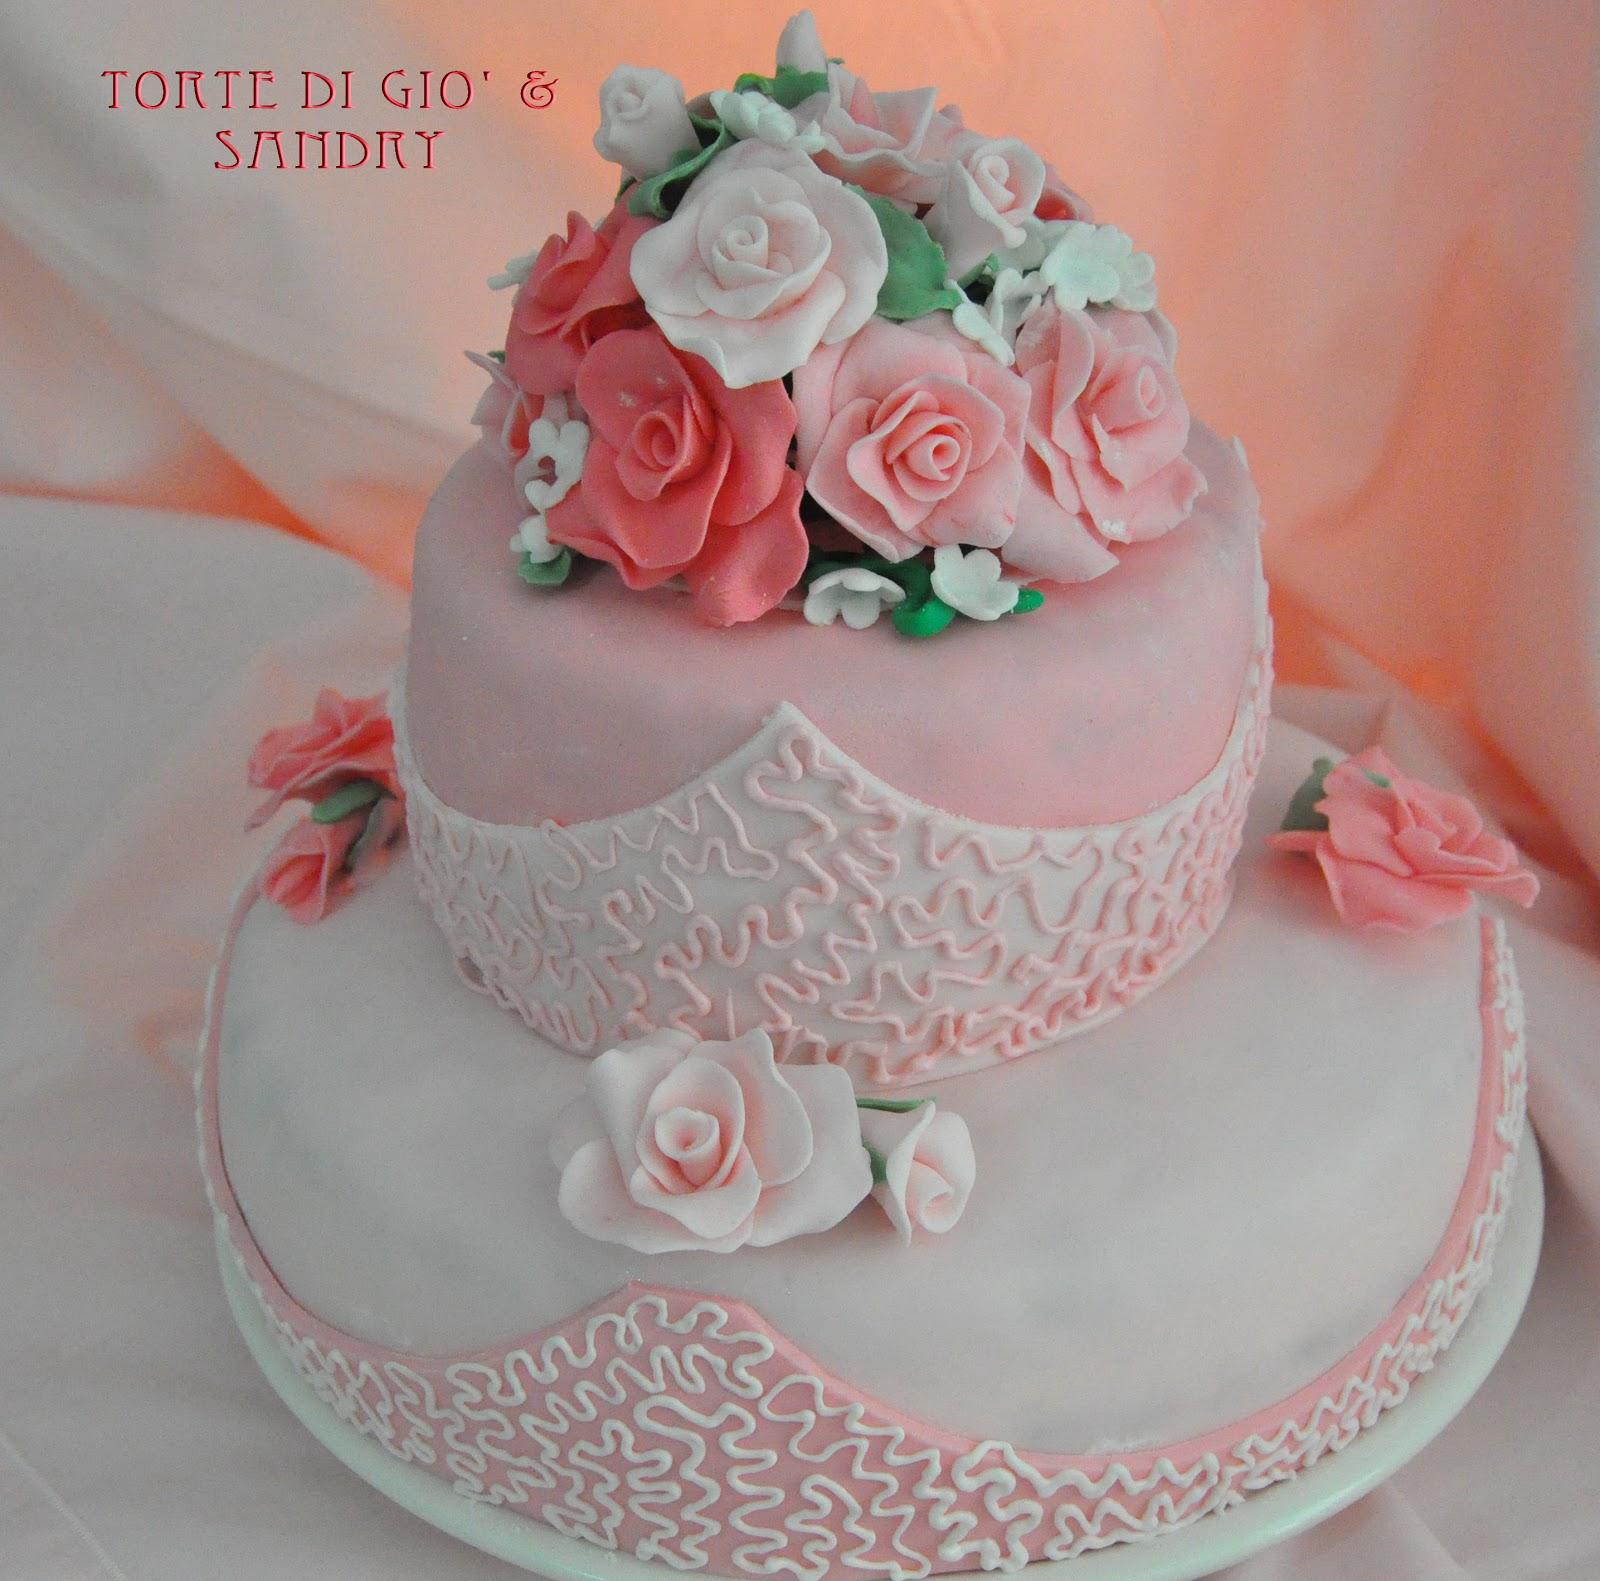 La dolce rosa di monte anniversario di matrimonio for Anniversario di matrimonio